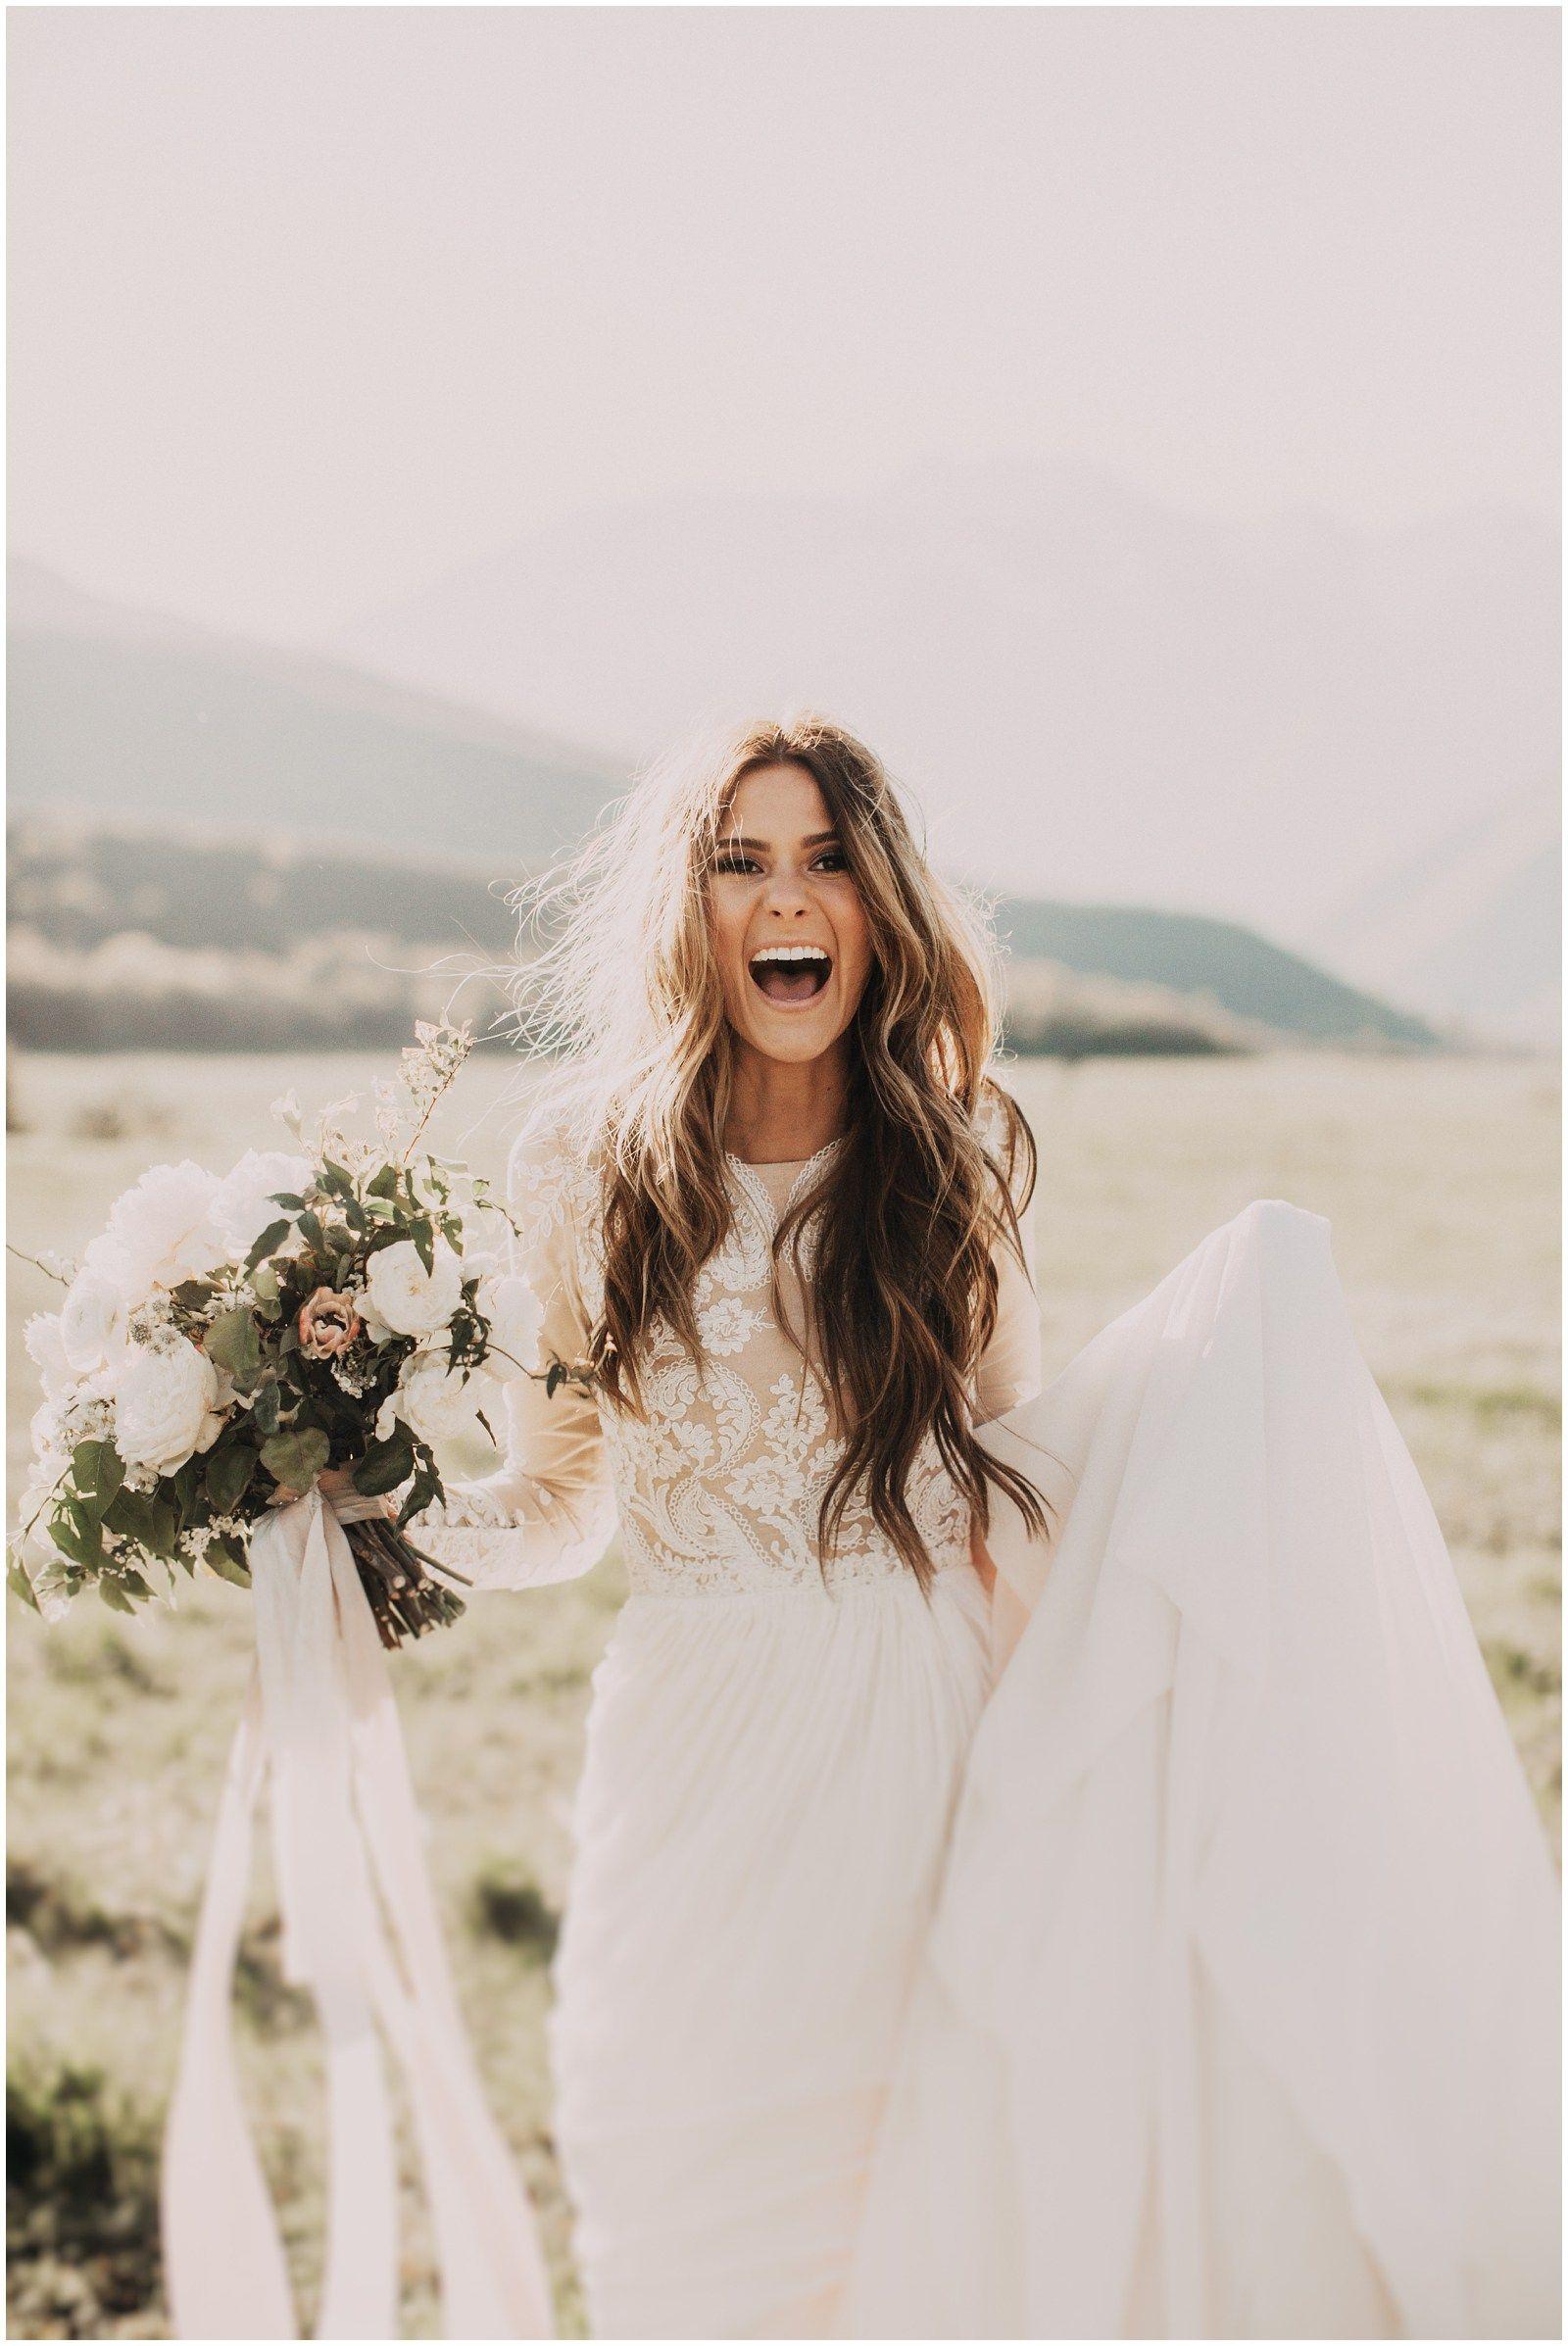 Pin von Paige Harp auf MUSHY GUSHY. | Pinterest | Hochzeitskleid ...